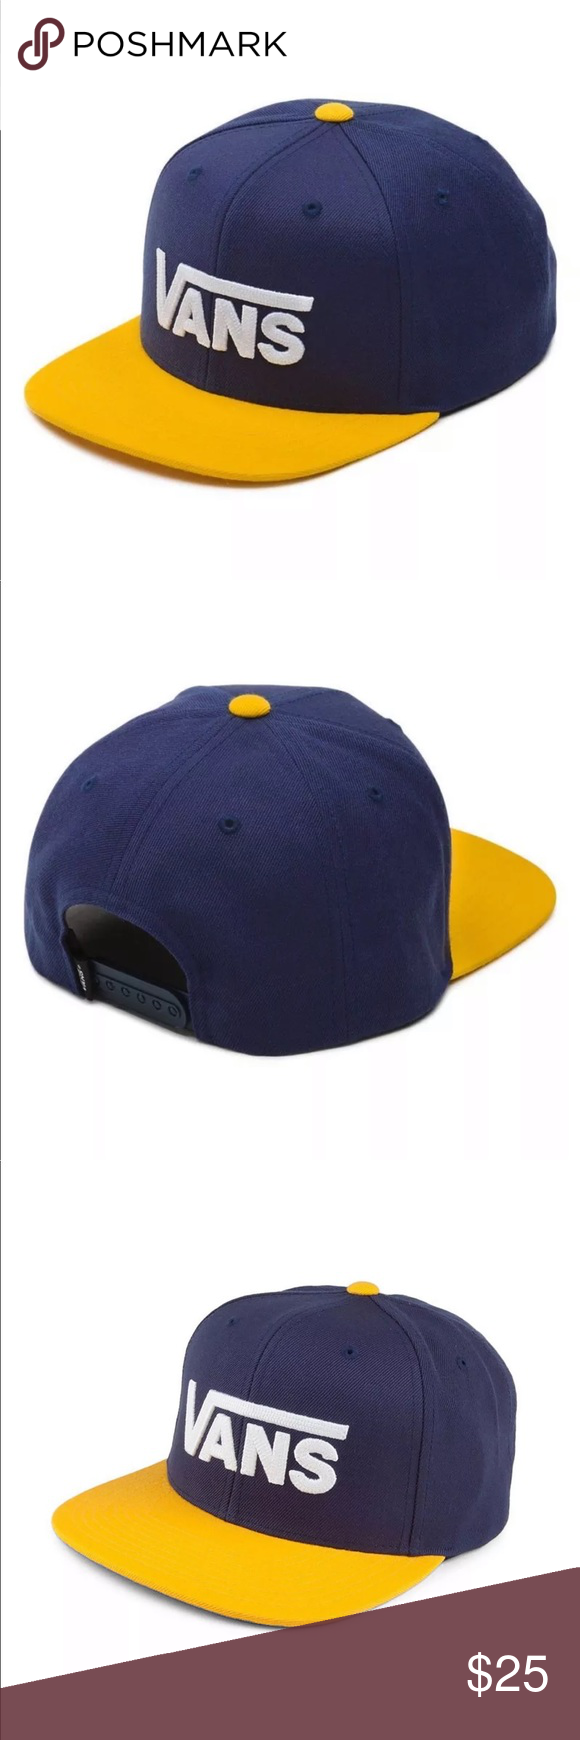 3b056033 Vans Men's Cappelli Drop V II Snapback Trucker AUTHENTIC Vans Dugout  Baseball Cap SIZE : ONE